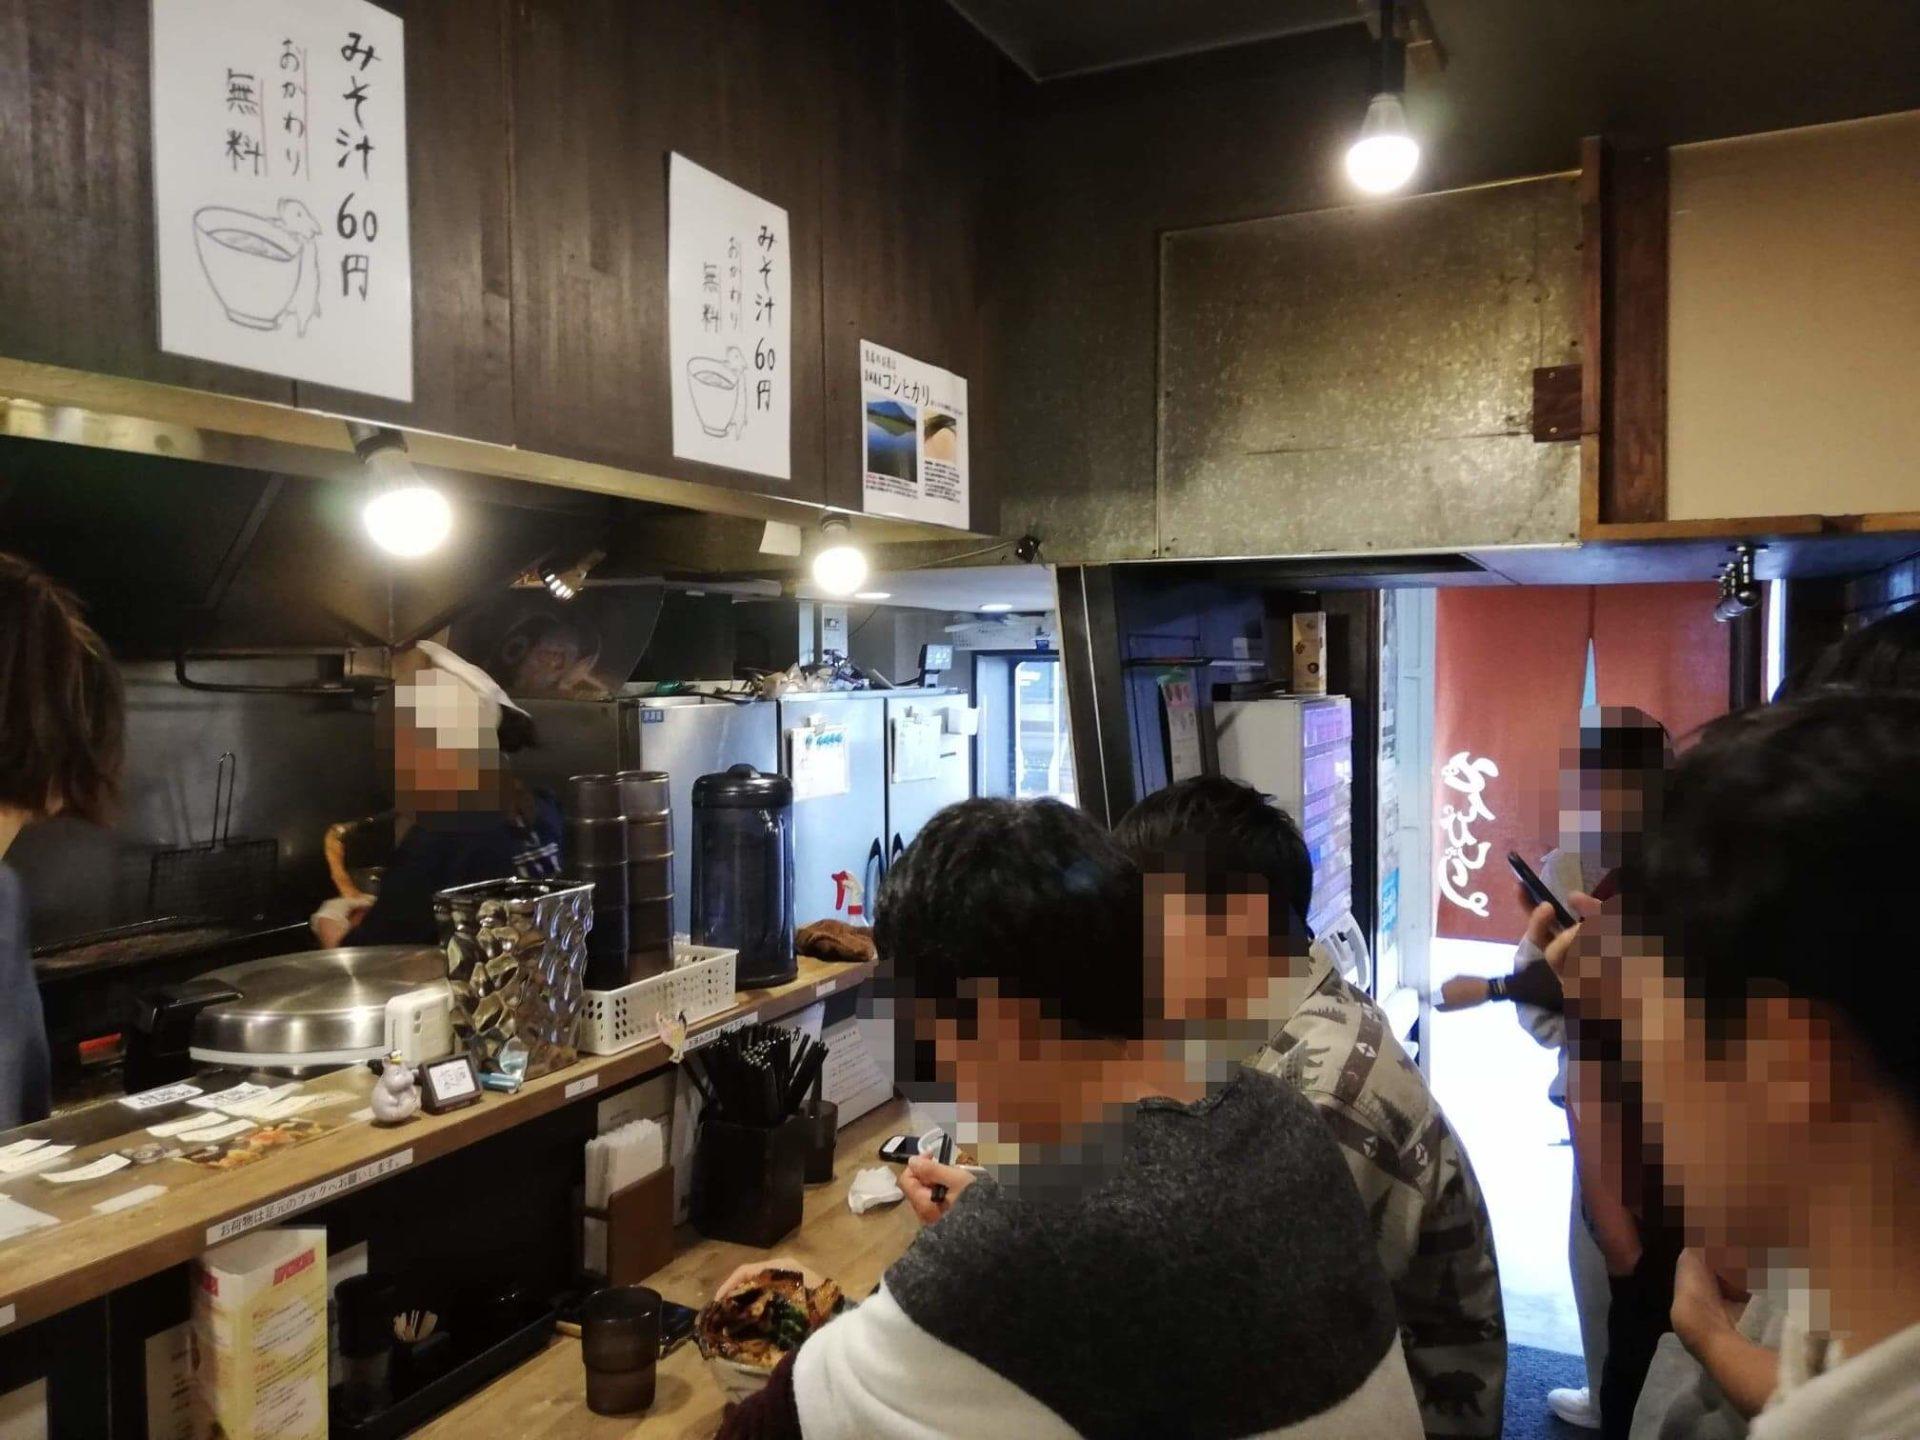 高田馬場(早稲田駅周辺)『どんぴしゃり』の店内写真